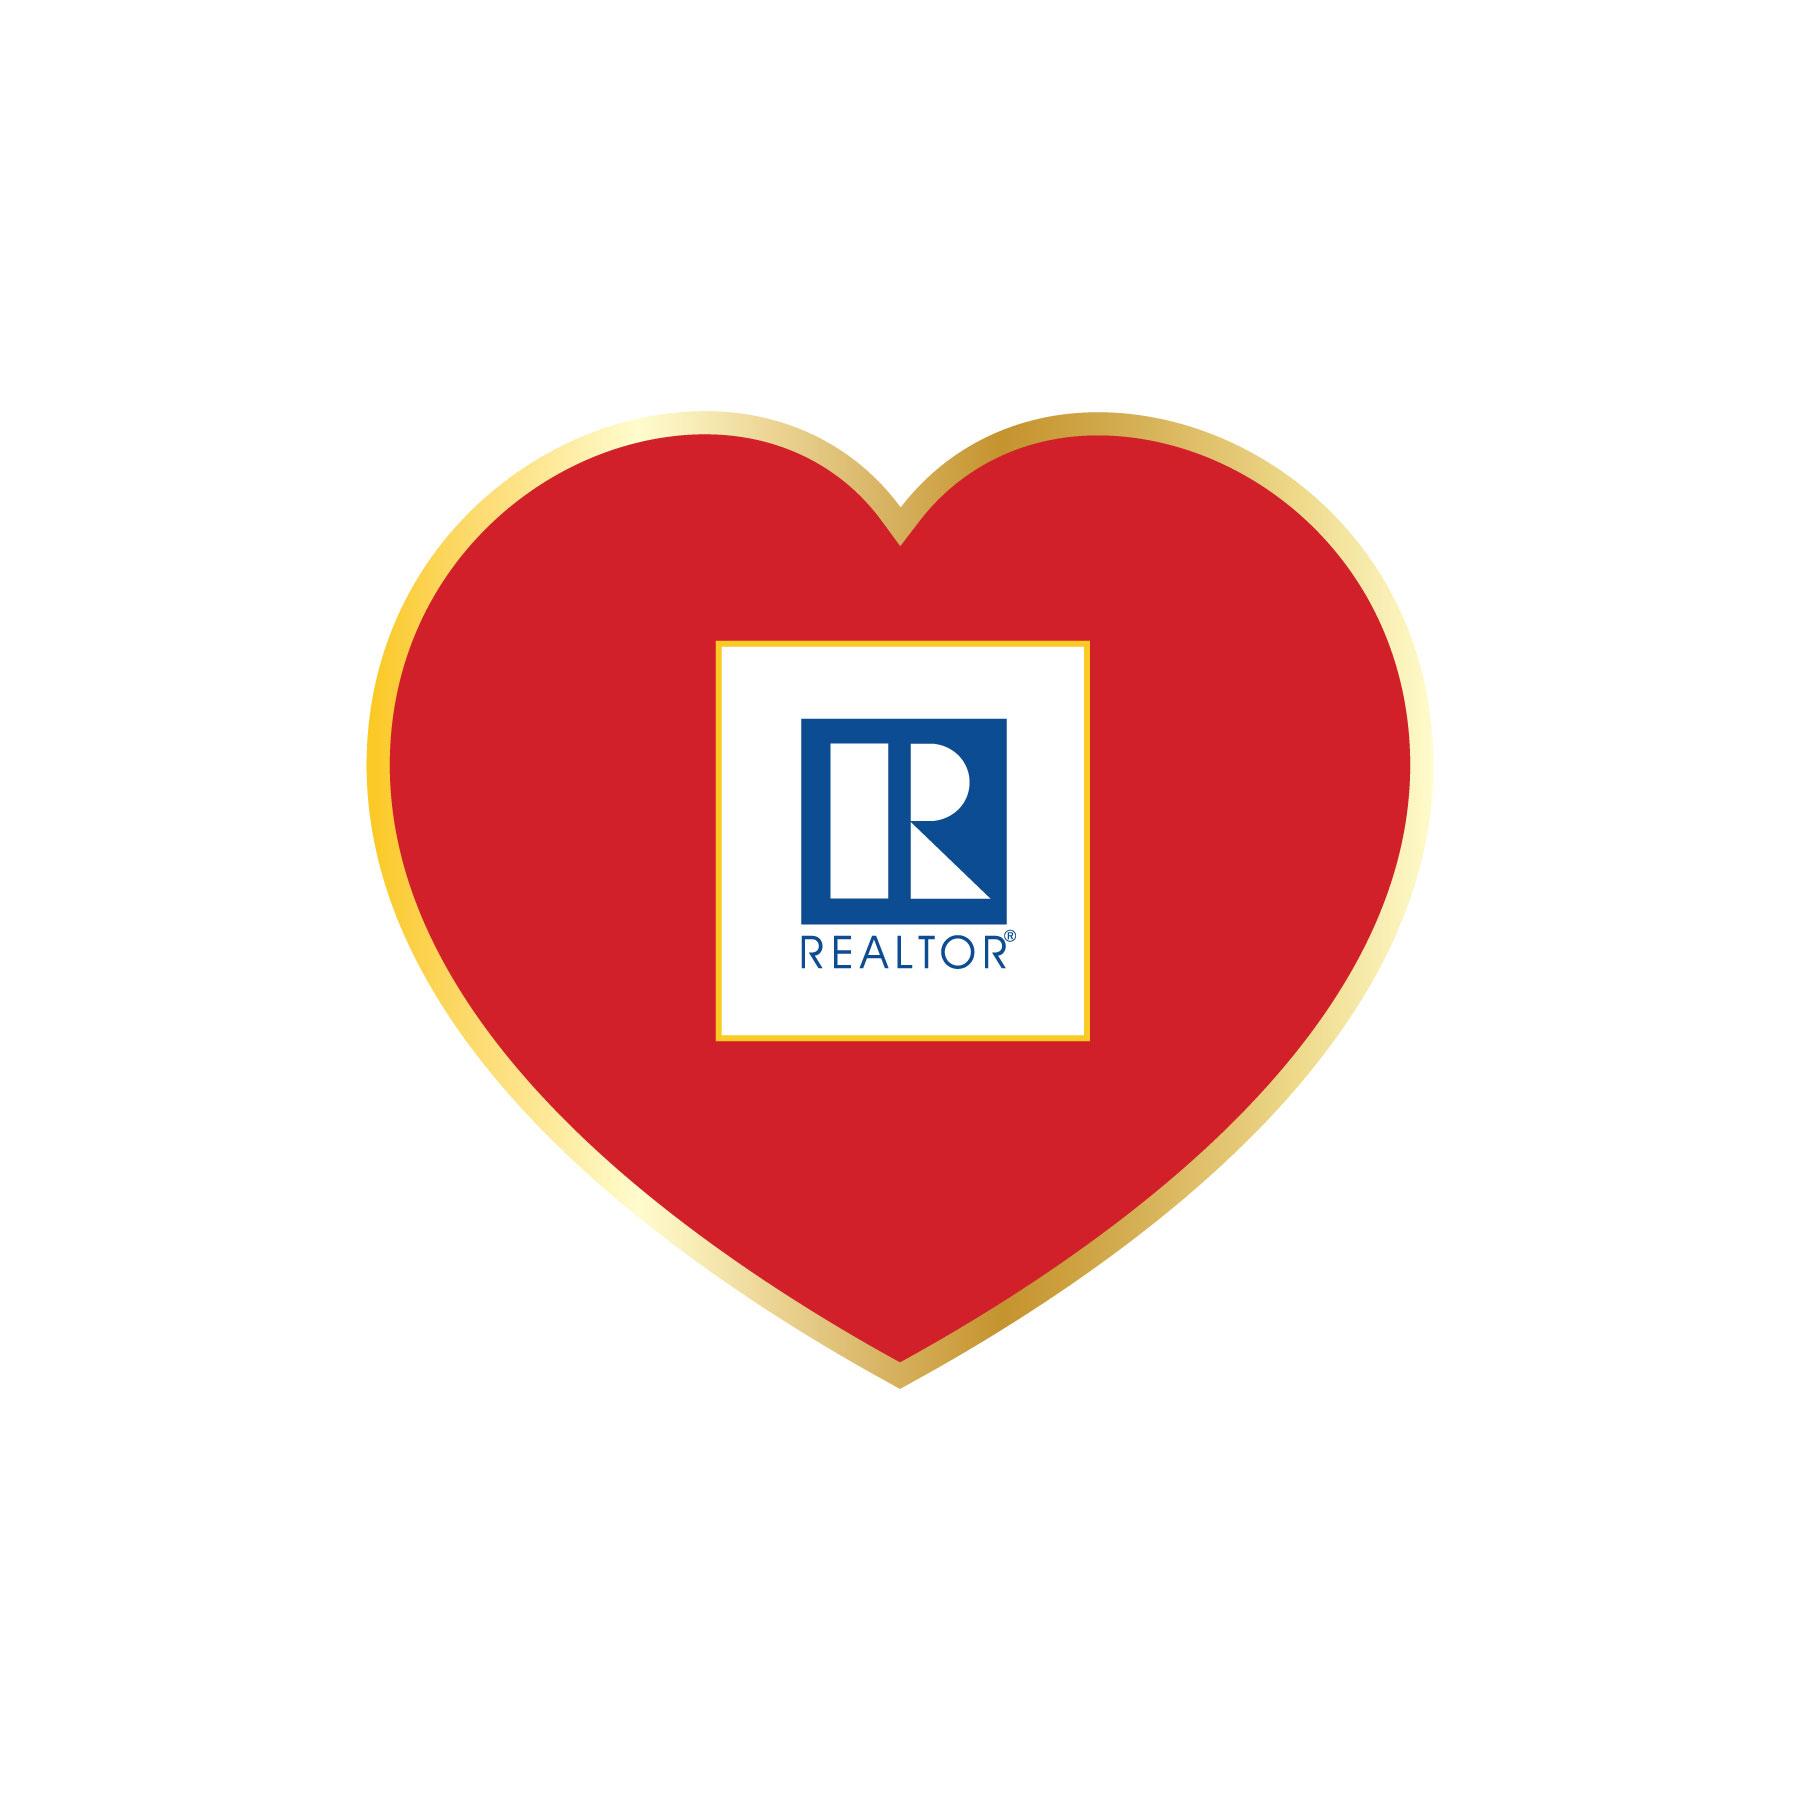 Printed Heart Pin